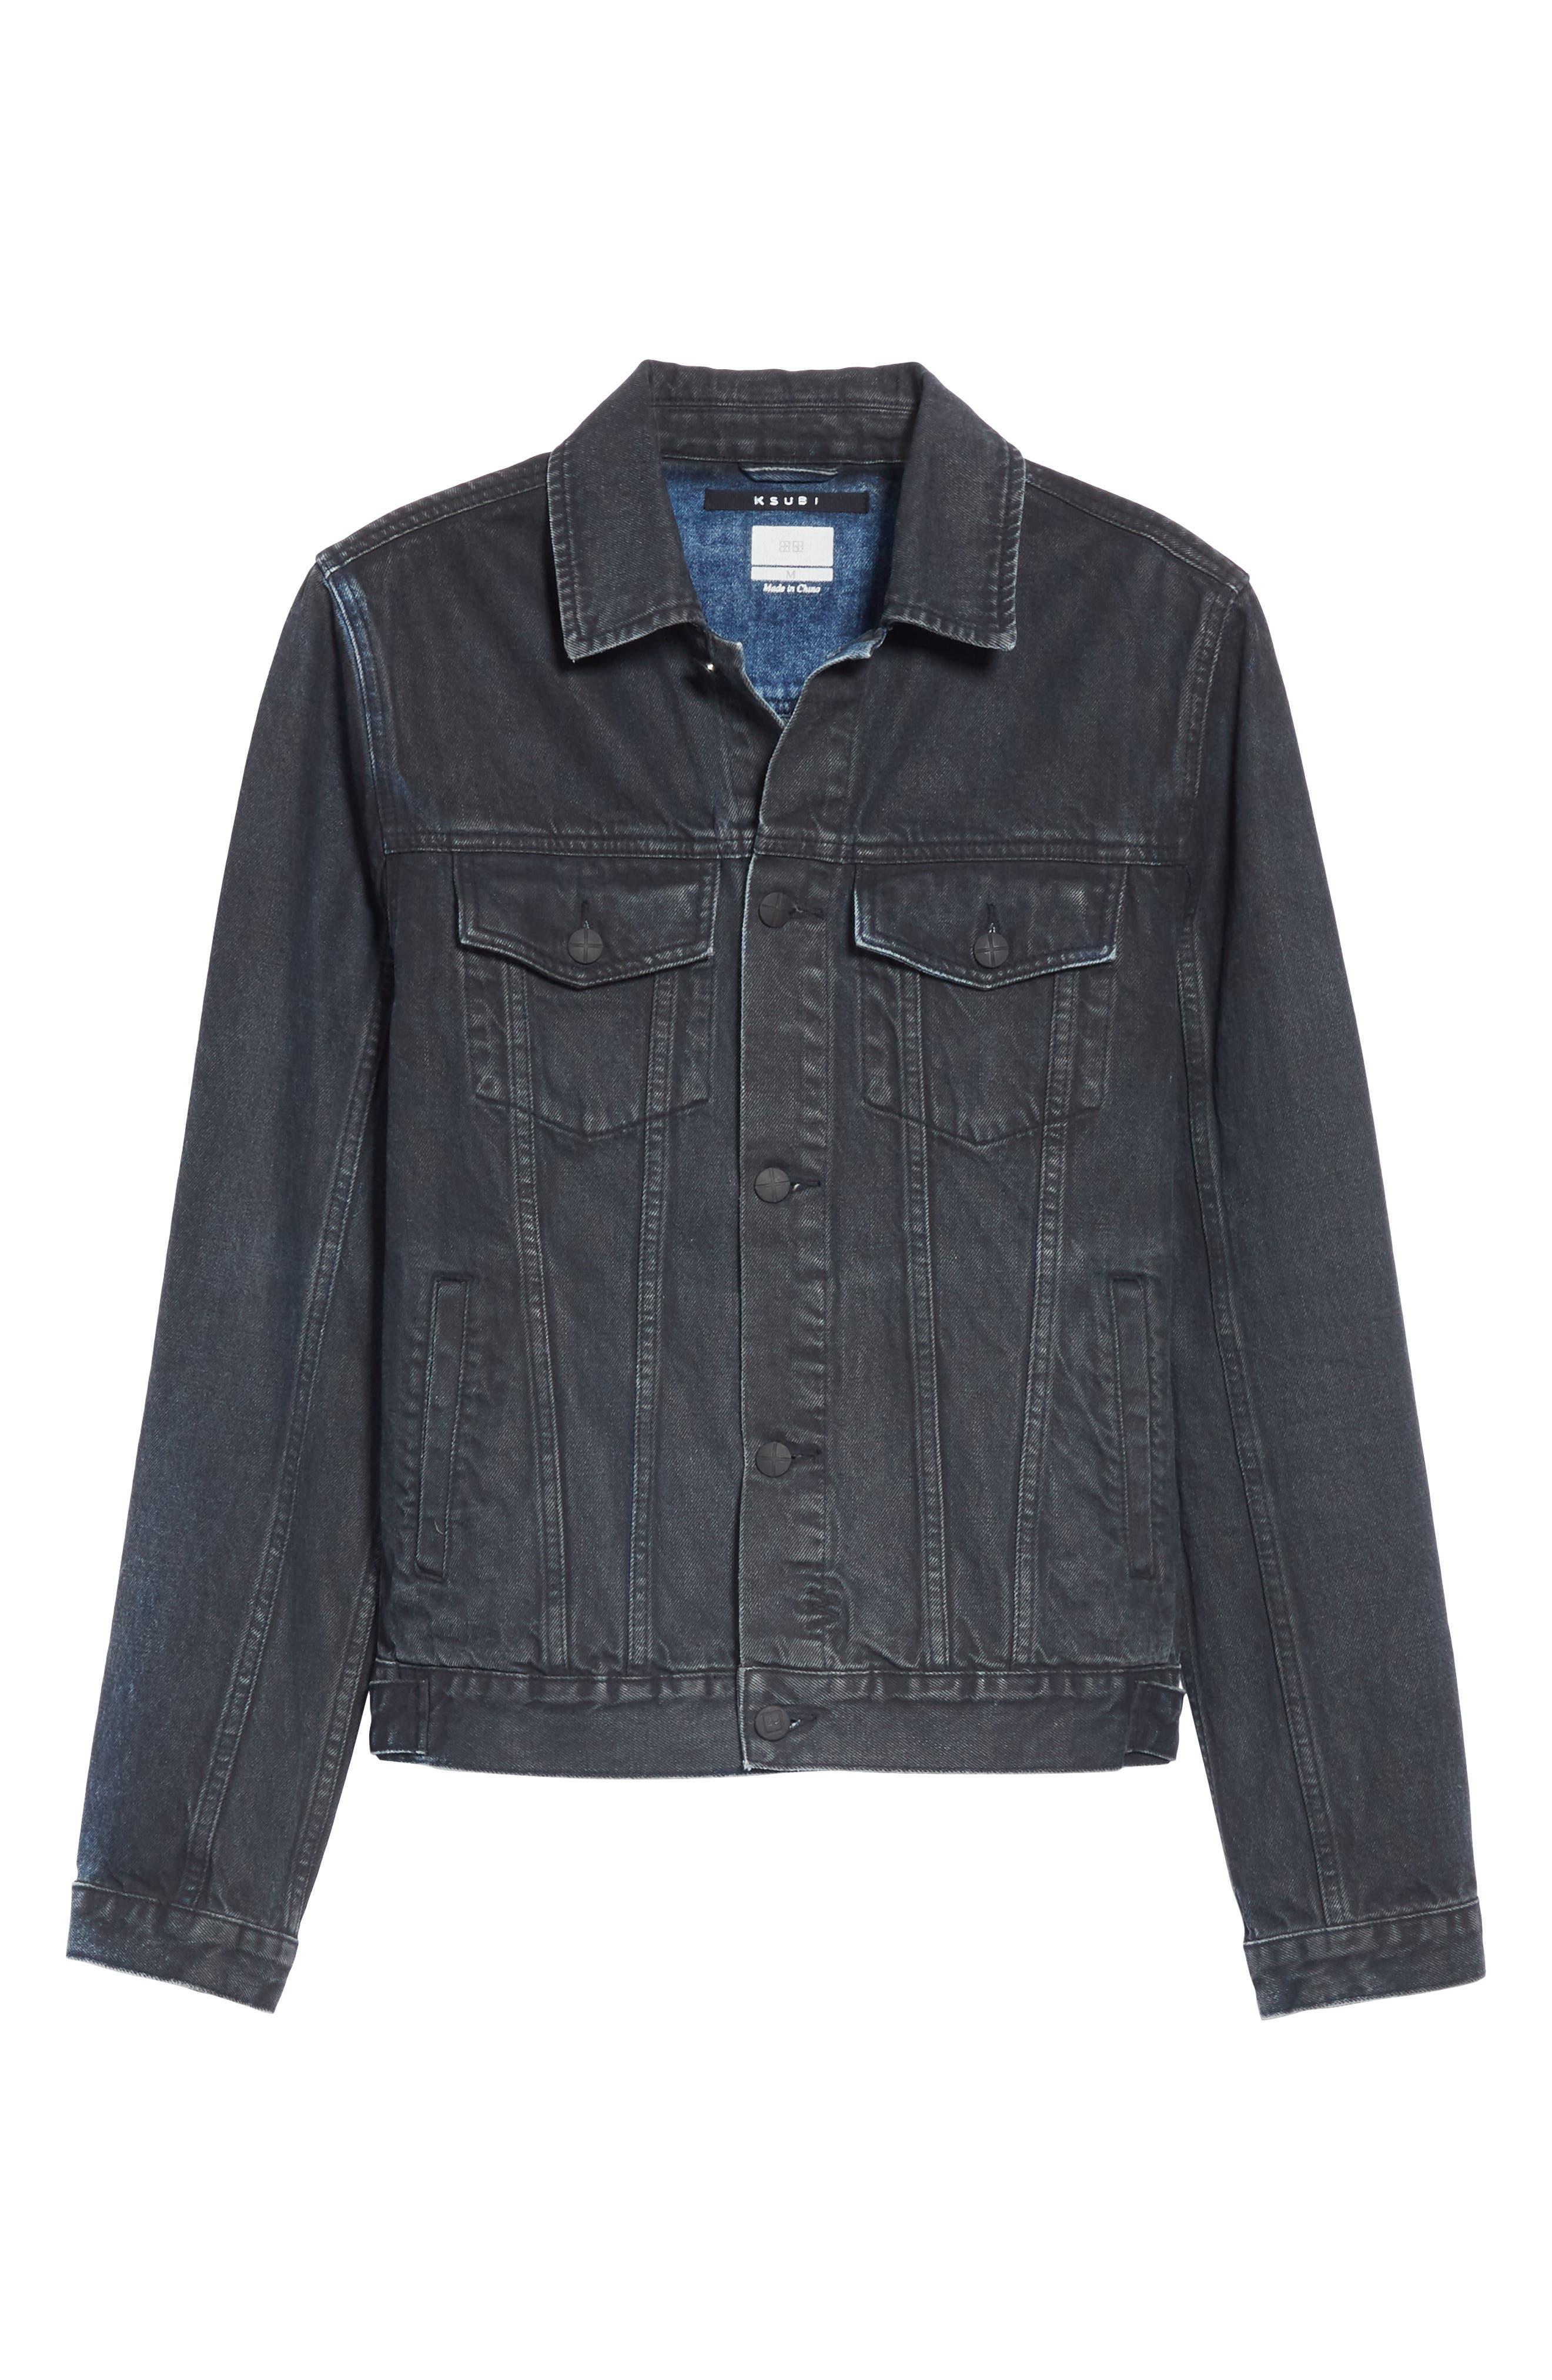 KSUBI,                             Classic Denim Jacket,                             Alternate thumbnail 5, color,                             BLACK TOP